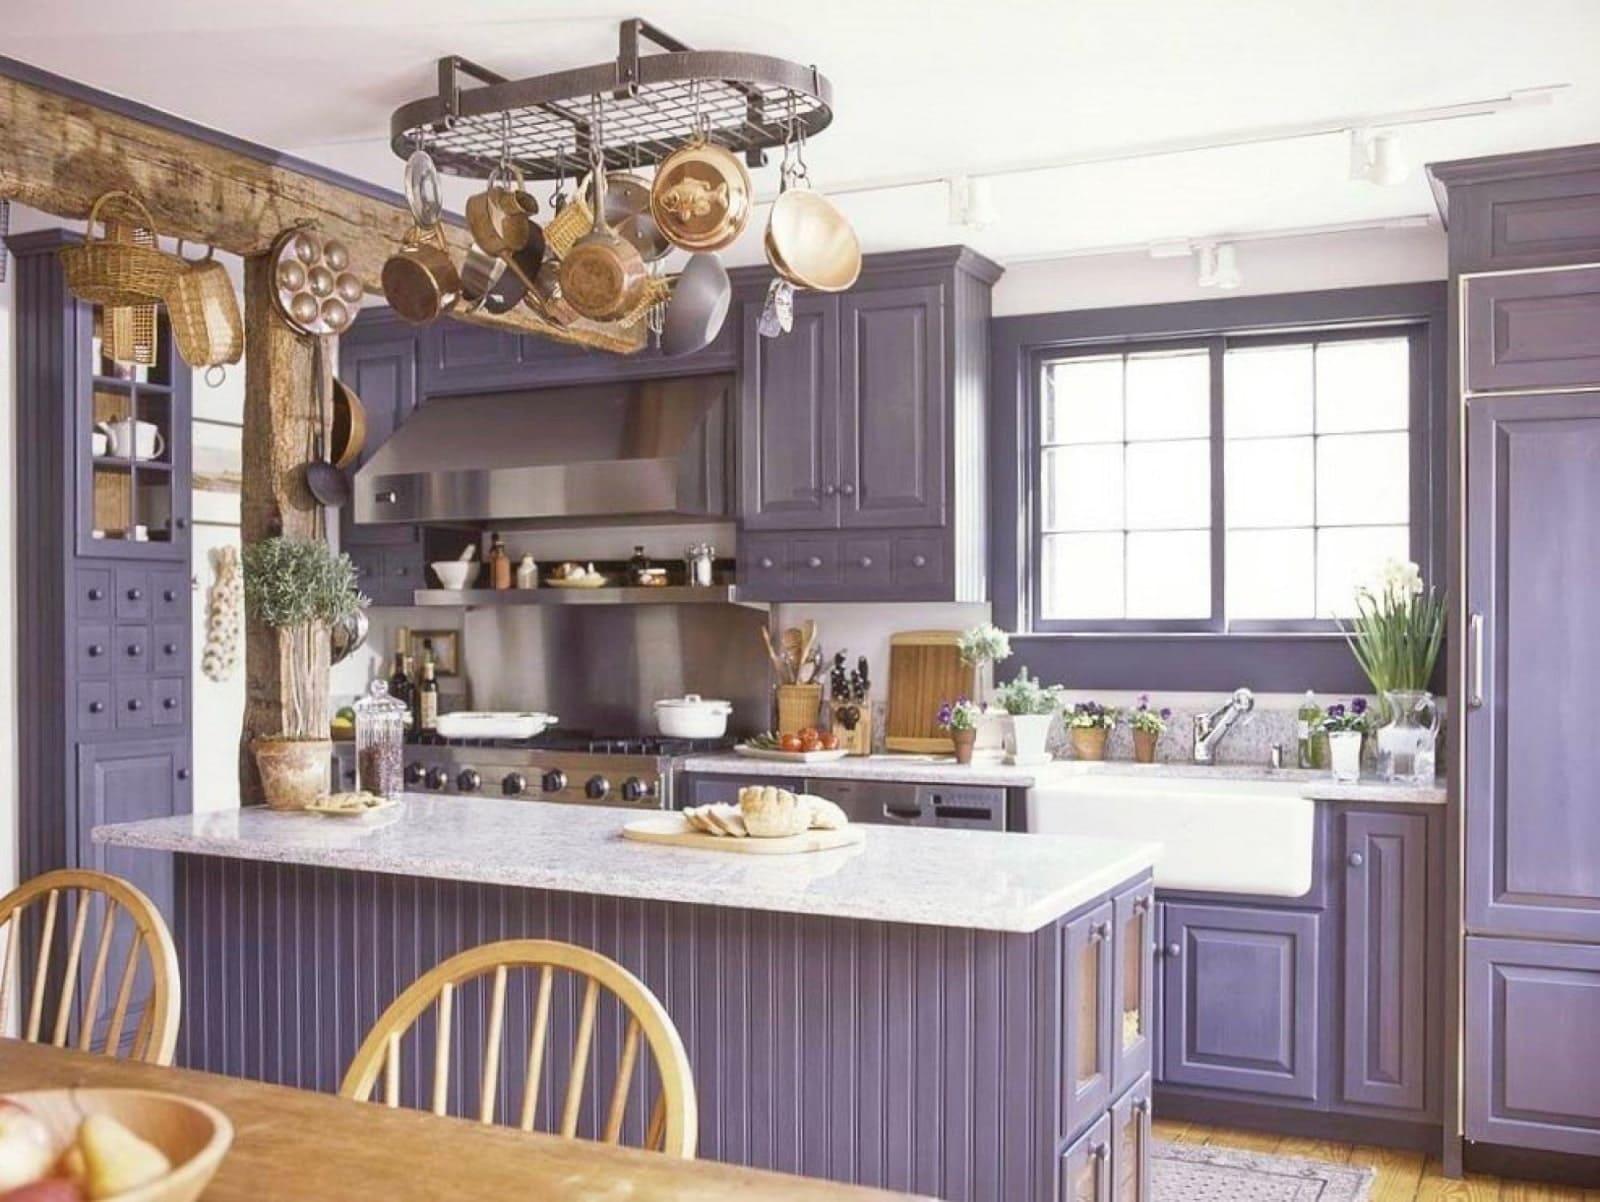 В провансе могут быть лавандовые оттенки (стили кухни в интерьере)